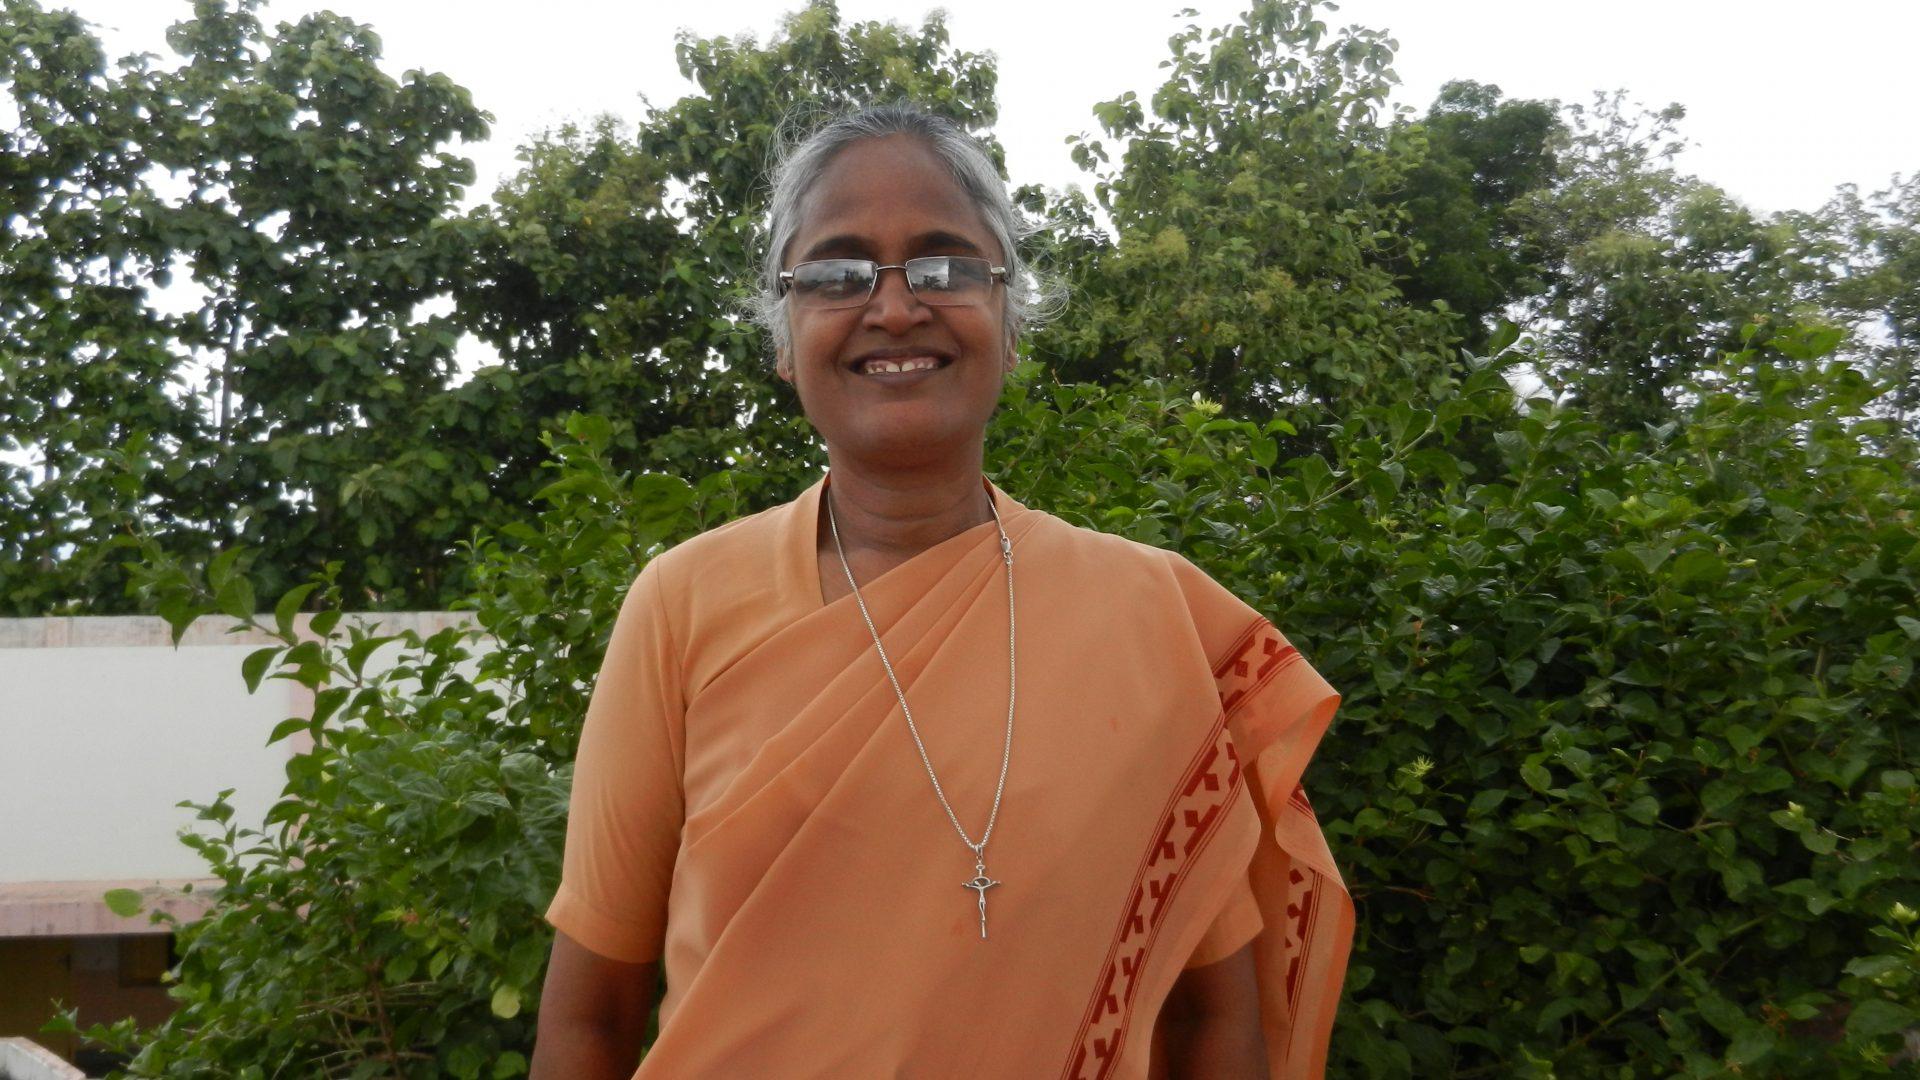 21.Sheela Selvaraj